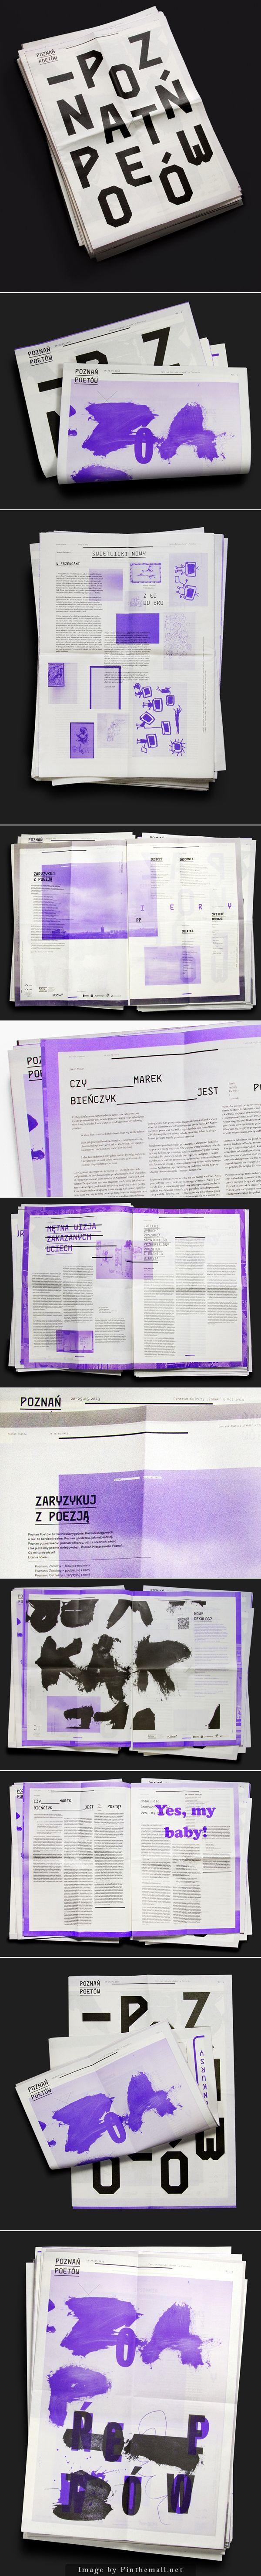 Poetsu0027 Poznan u2013 Newspaper by Marcin Markowski